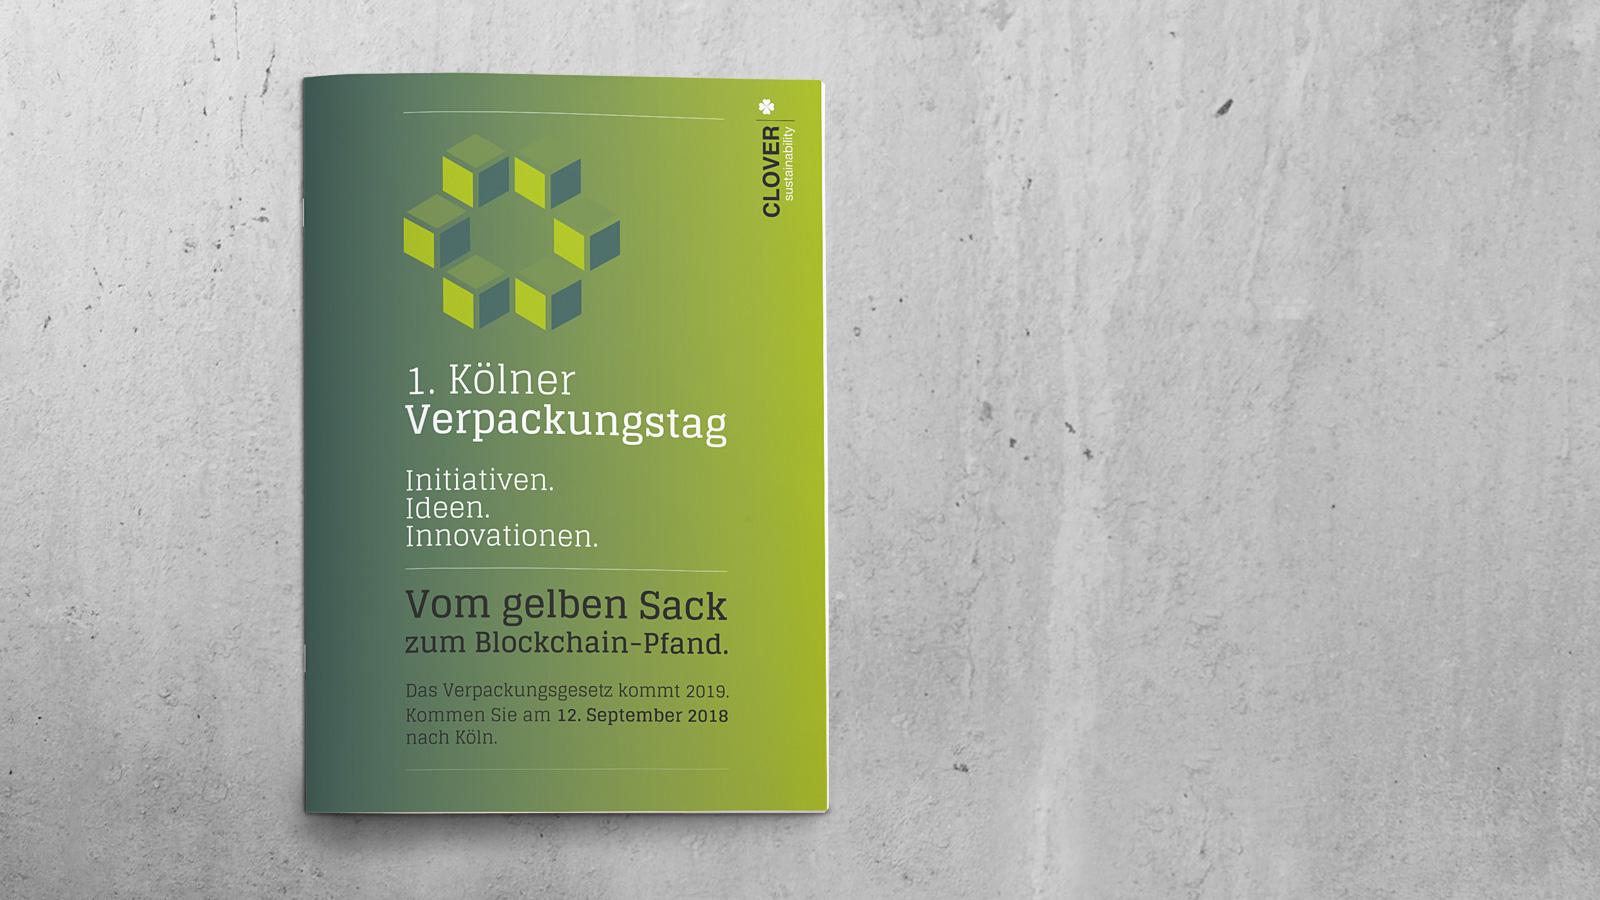 Programm-Heft für 1. Kölner Verpackungstag